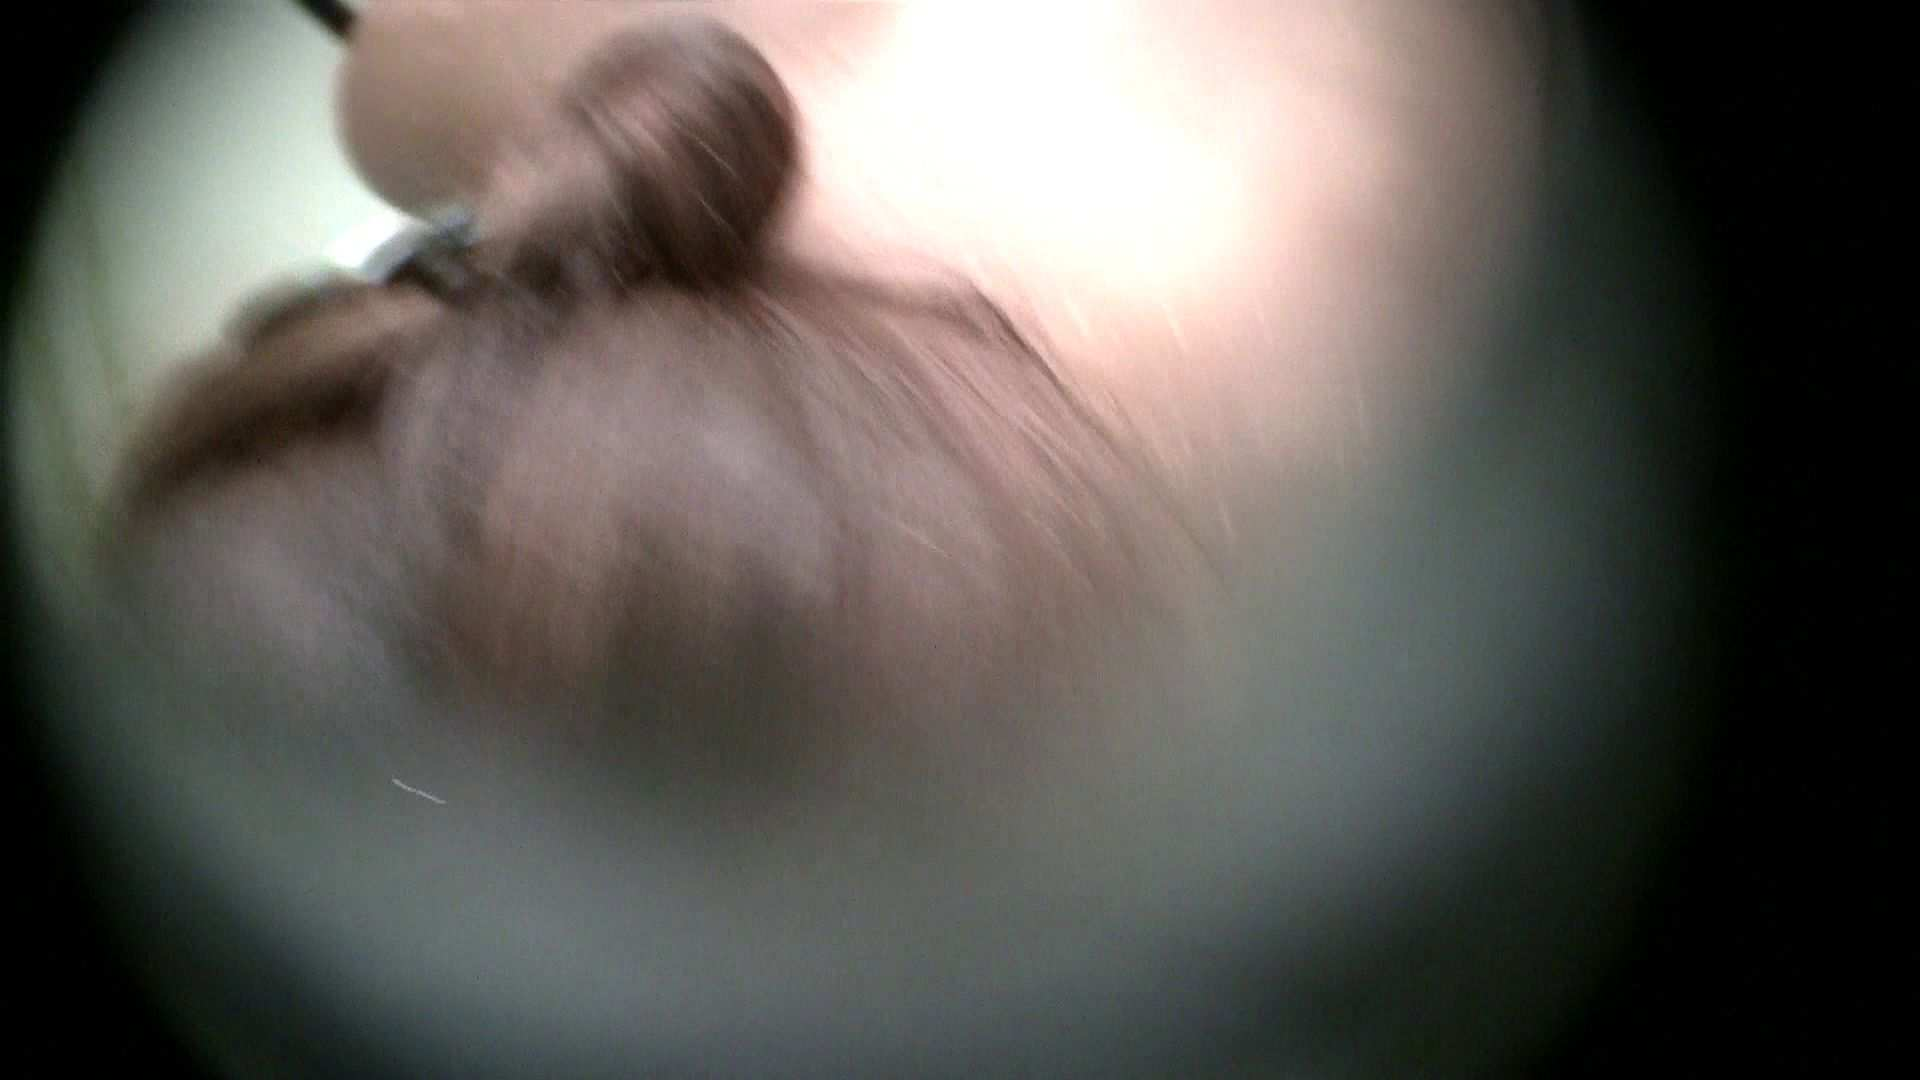 NO.36 美人ママ 一本道がチラチラと 細身体型 エロ画像 100枚 52